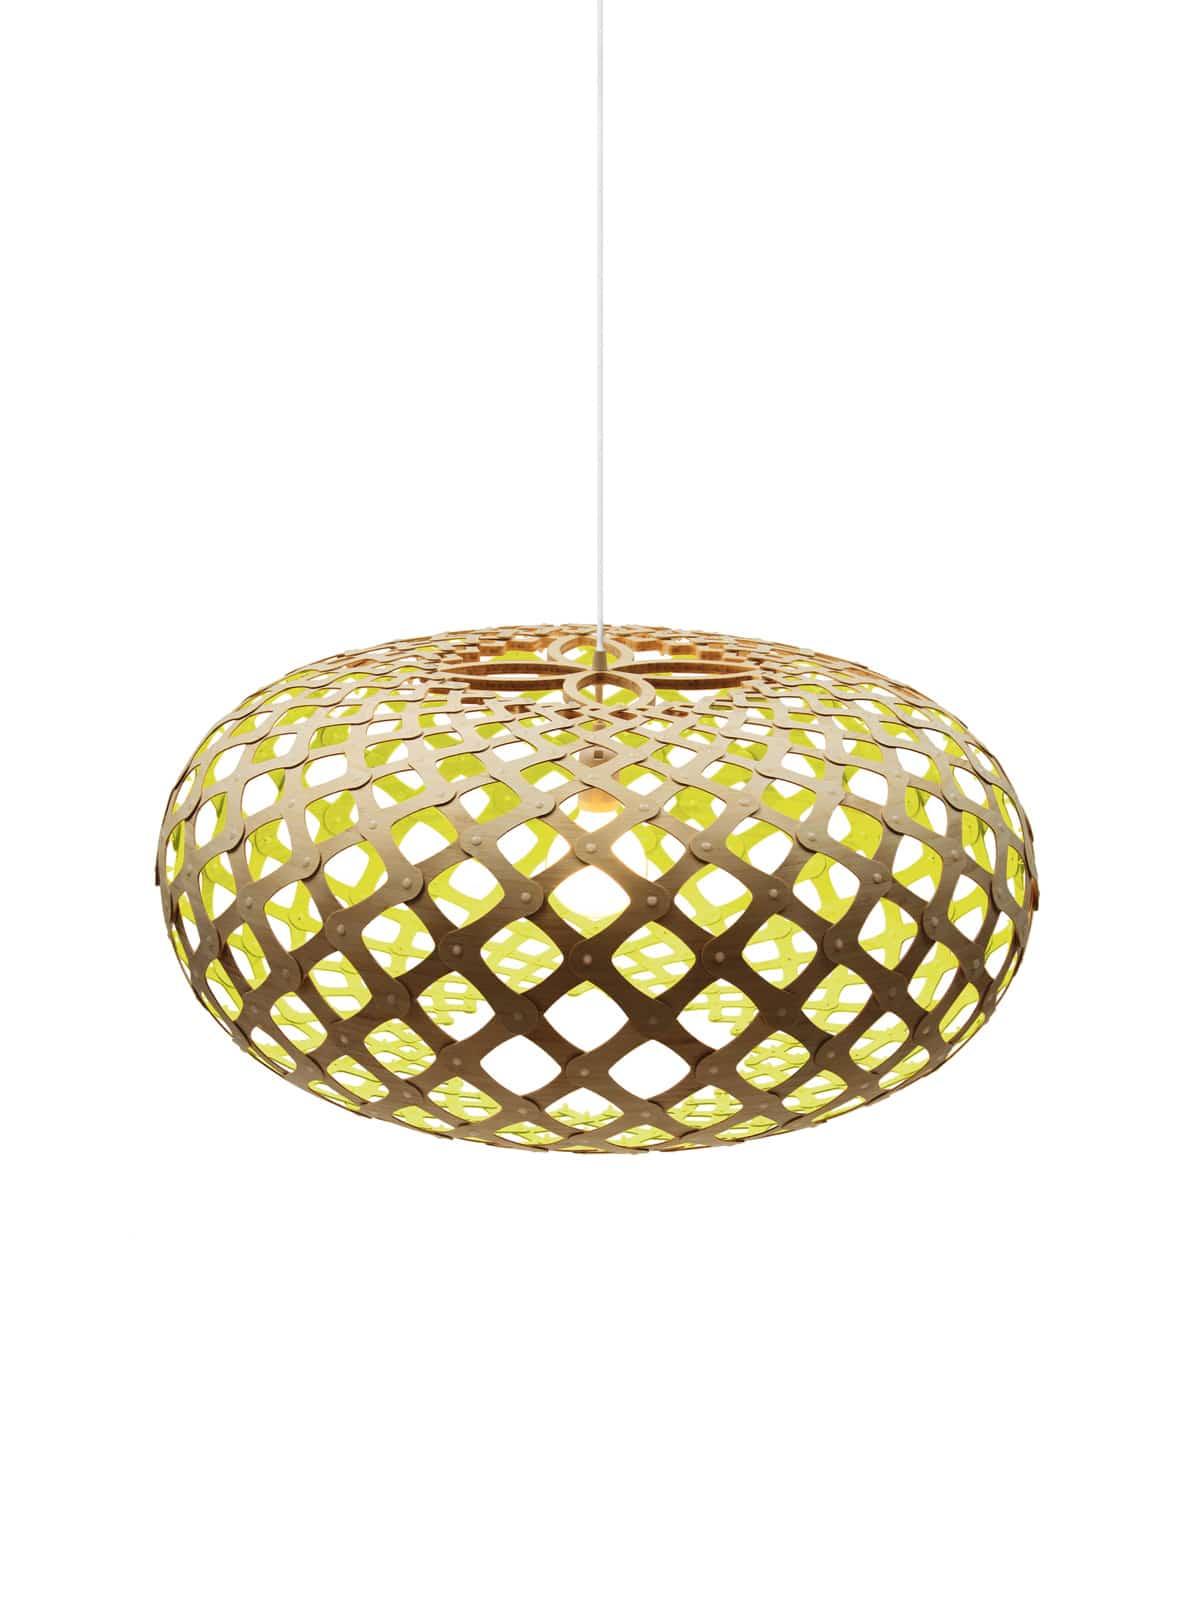 Kina Lampe für Farbideen und Konzepte in Gelb